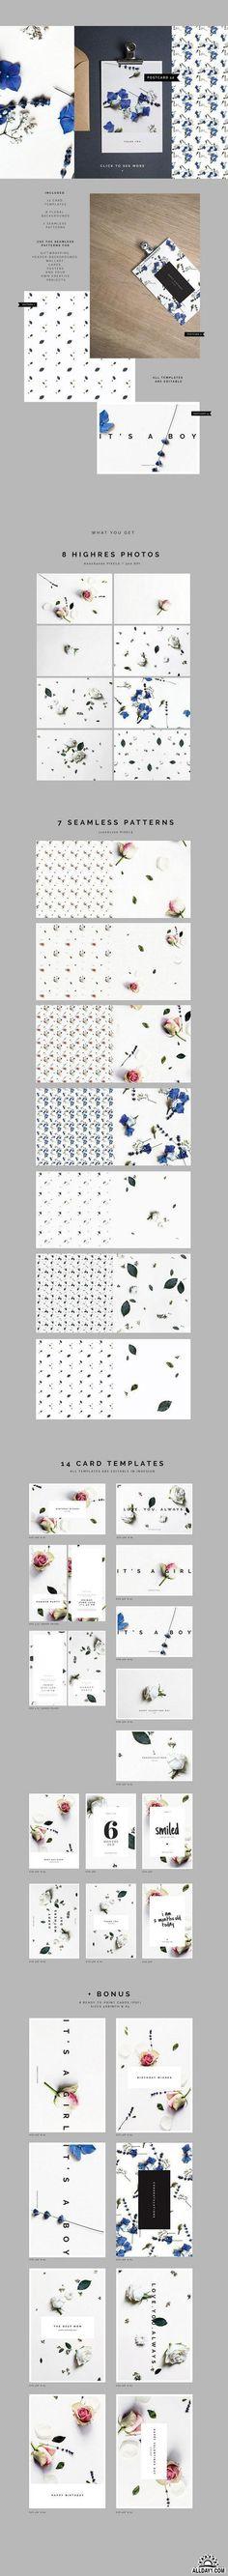 CM - Floral Graphic Pack + bonus files 1802733